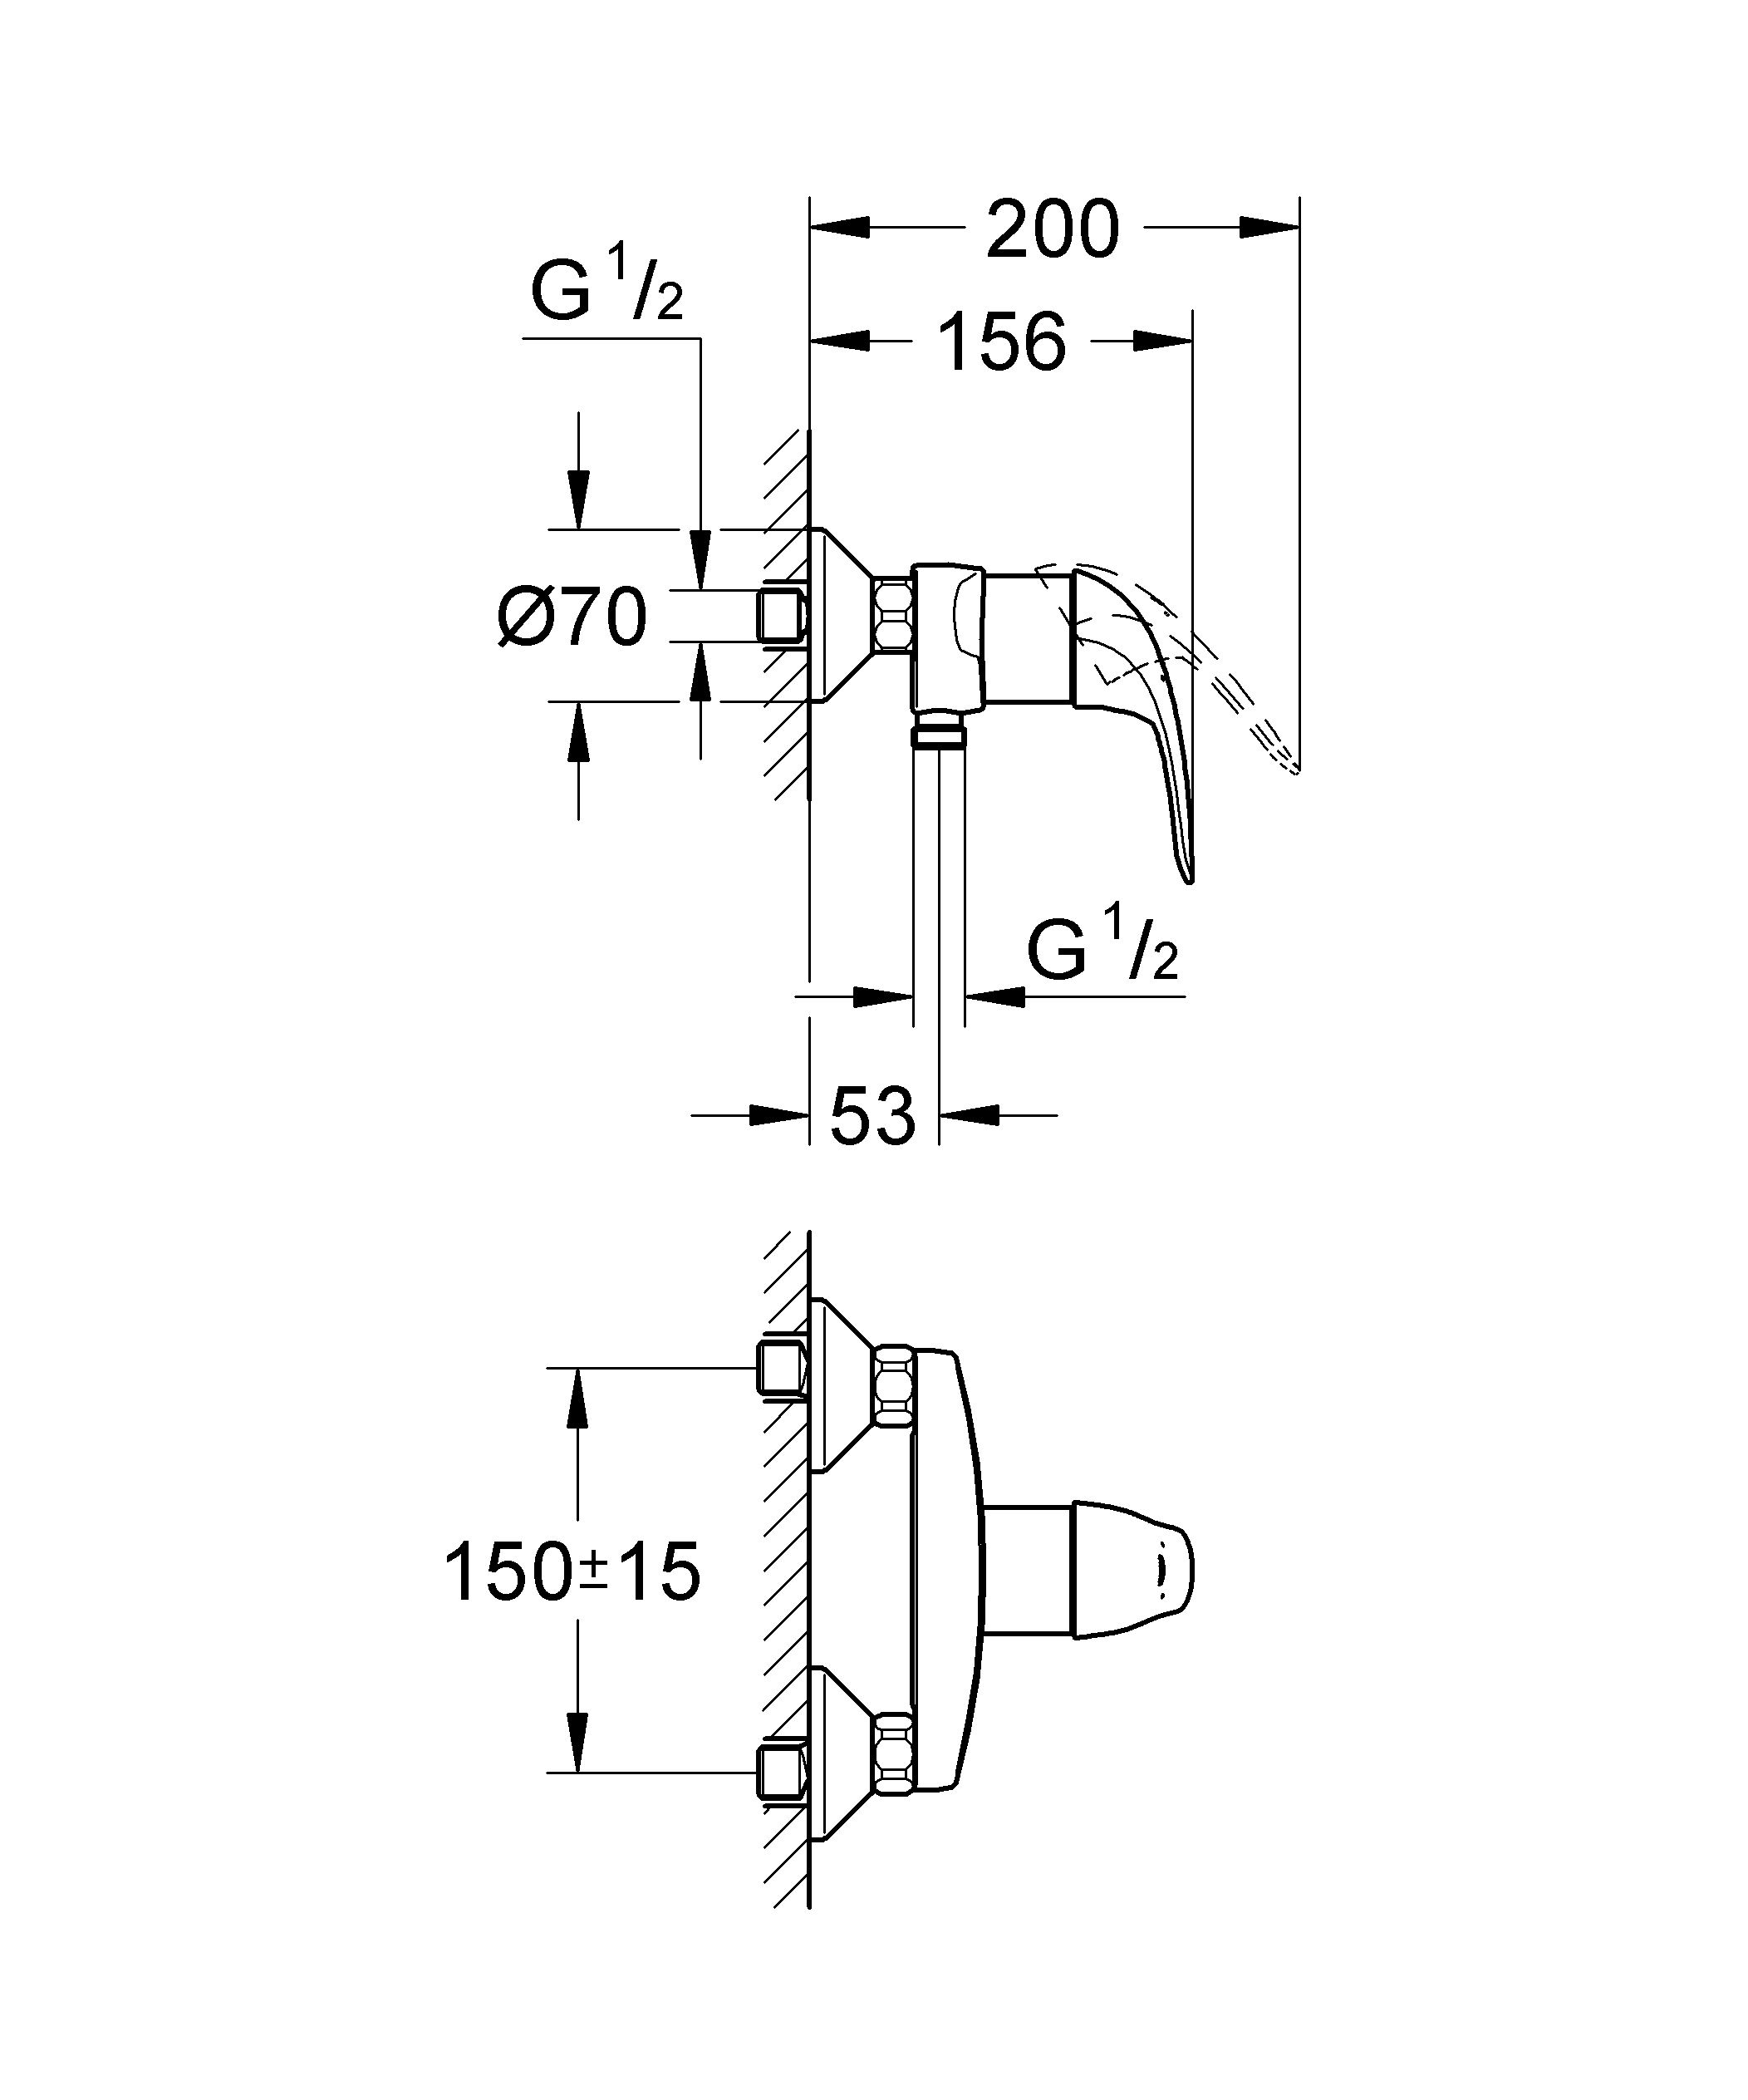 Настенный монтаж  Металлический рычаг  GROHE SilkMove керамический картридж O 46 мм  GROHE StarLight хромированная поверхность   Отвод для душа снизу 1/2? со встроенным обратным клапаном  Скрытые S-образные эксцентрики  Отражатели из металла  Дополнительный ограничитель температуры  С защитой от обратного потока  Класс шума I по DIN 4109    Видео по установке является исключительно информационным. Установка должна проводиться профессионалами! Характеристики:    Материал: металл. Цвет: хром. Количество монтажных отверстий: 2. Размер упаковки: 20 см x 16 см x 12 см. Артикул: 32740000.